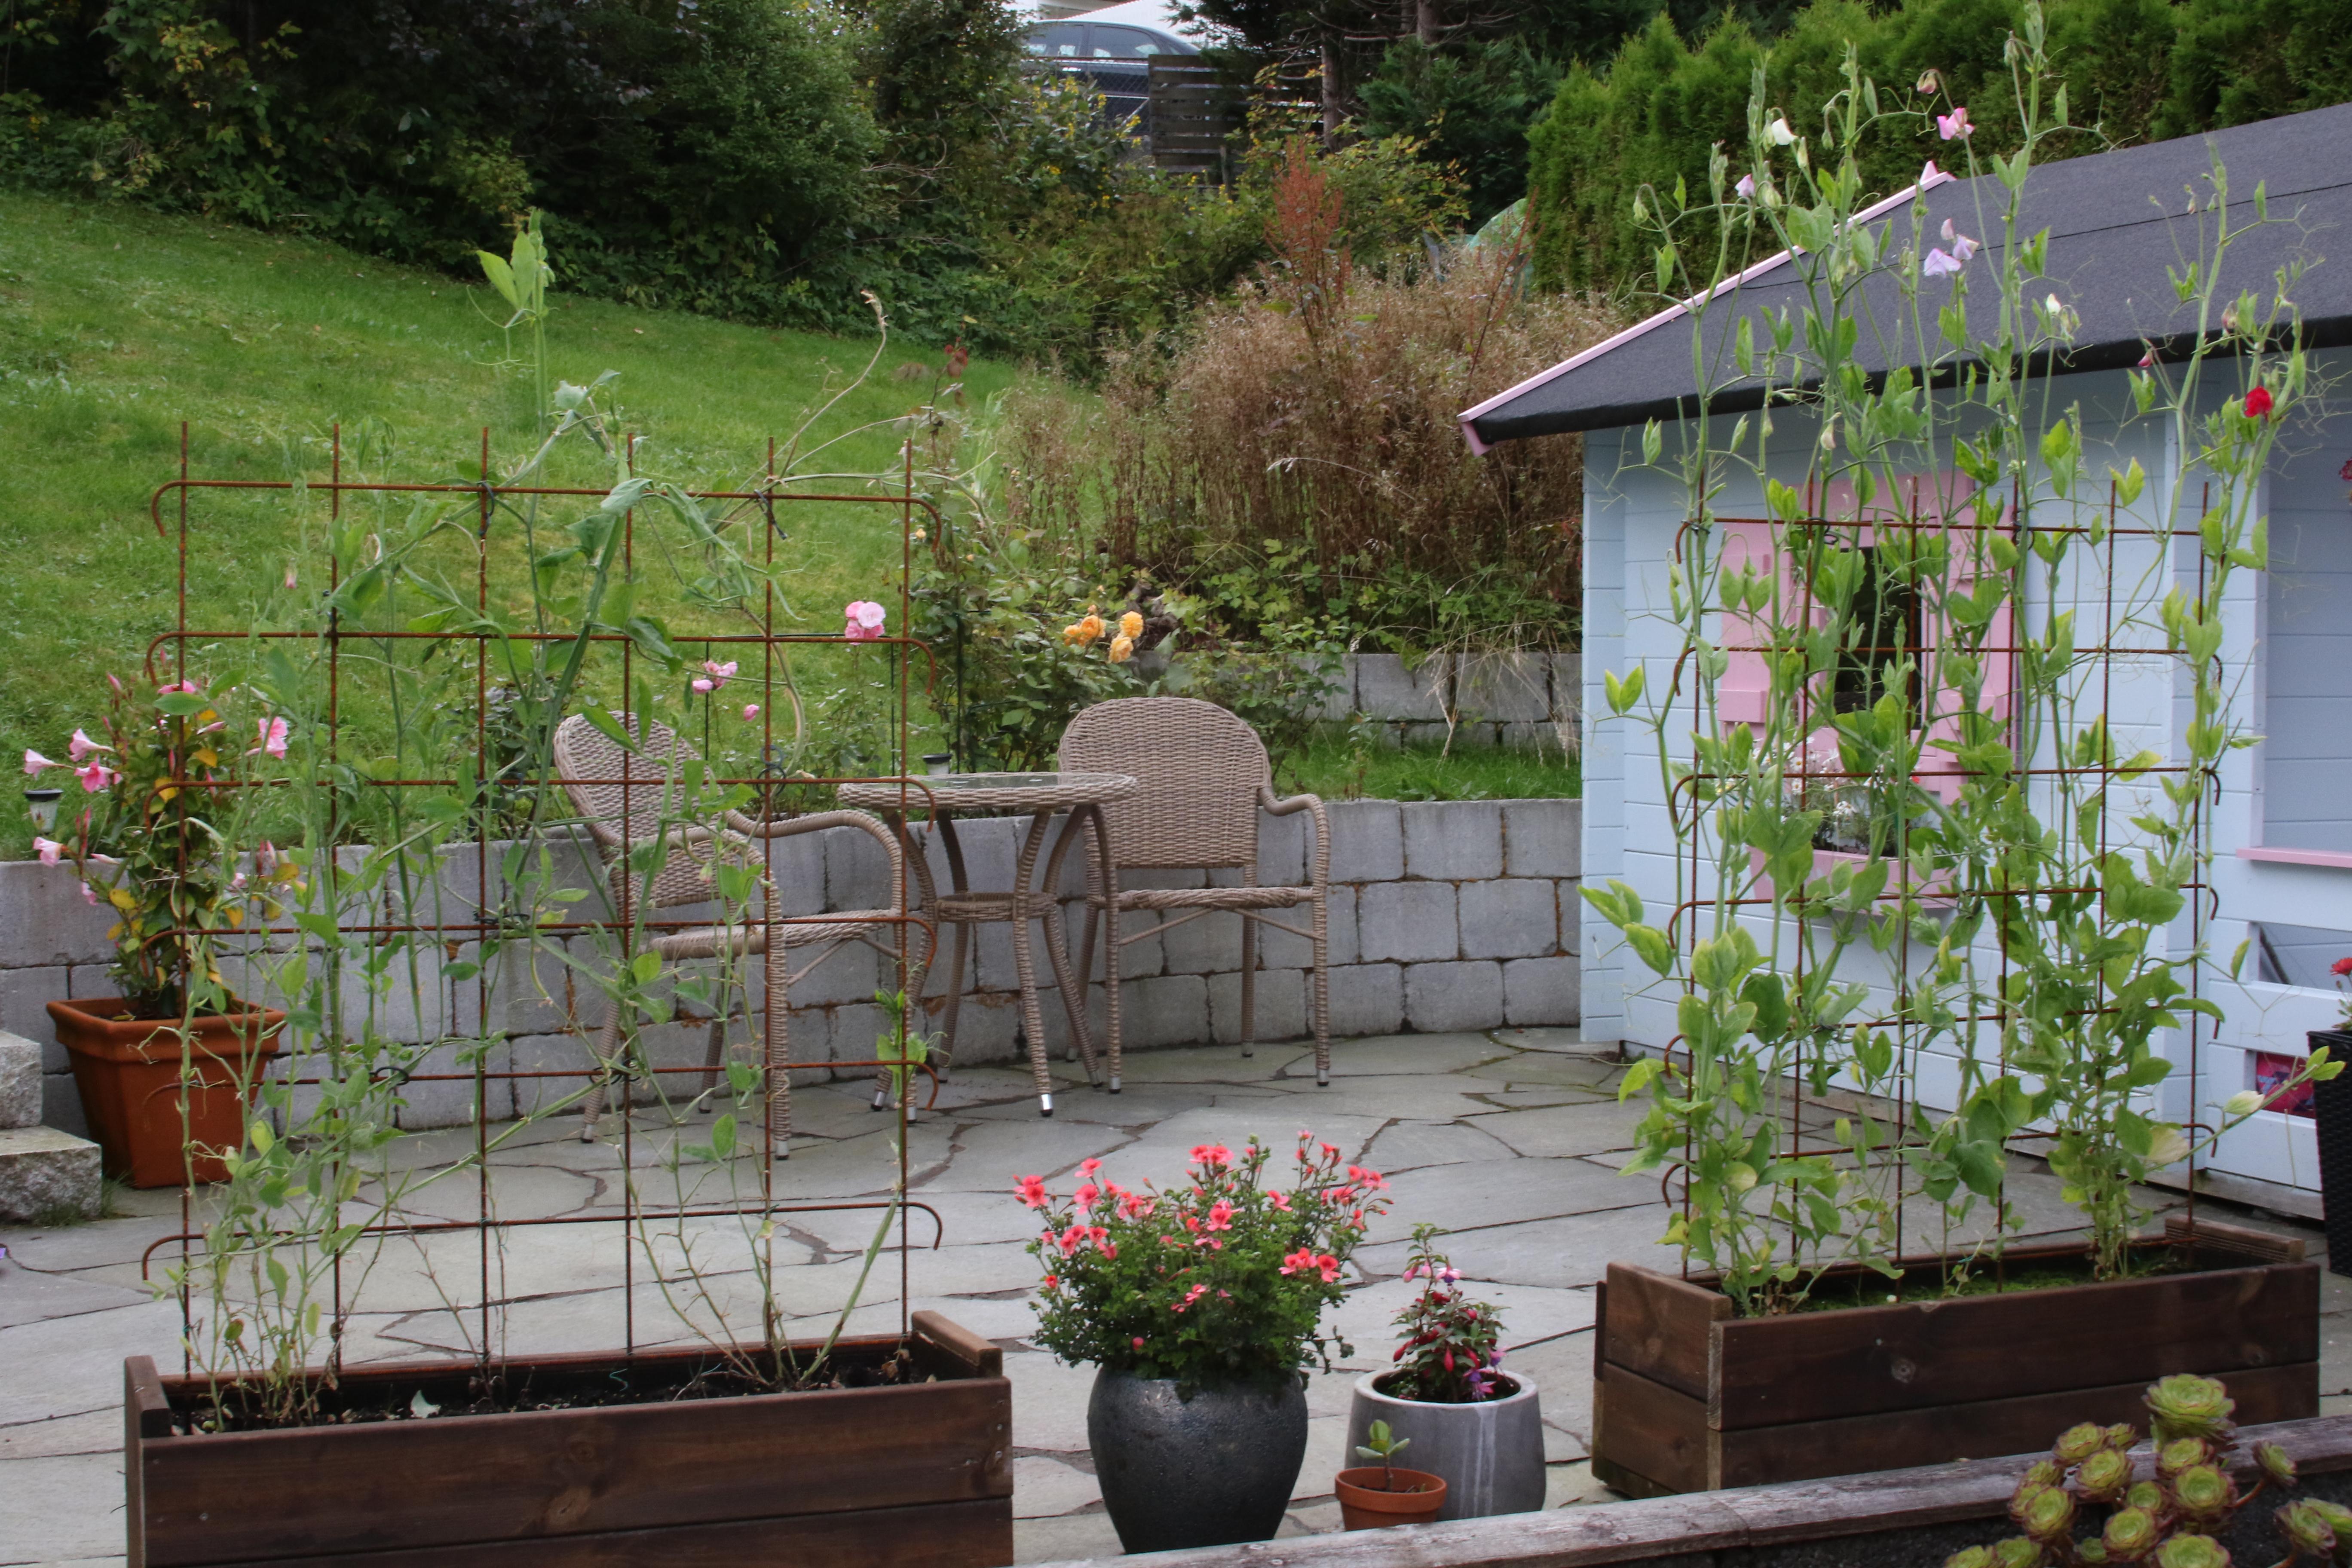 Hvordan det spirer og gror i god jord eller dårlig jord